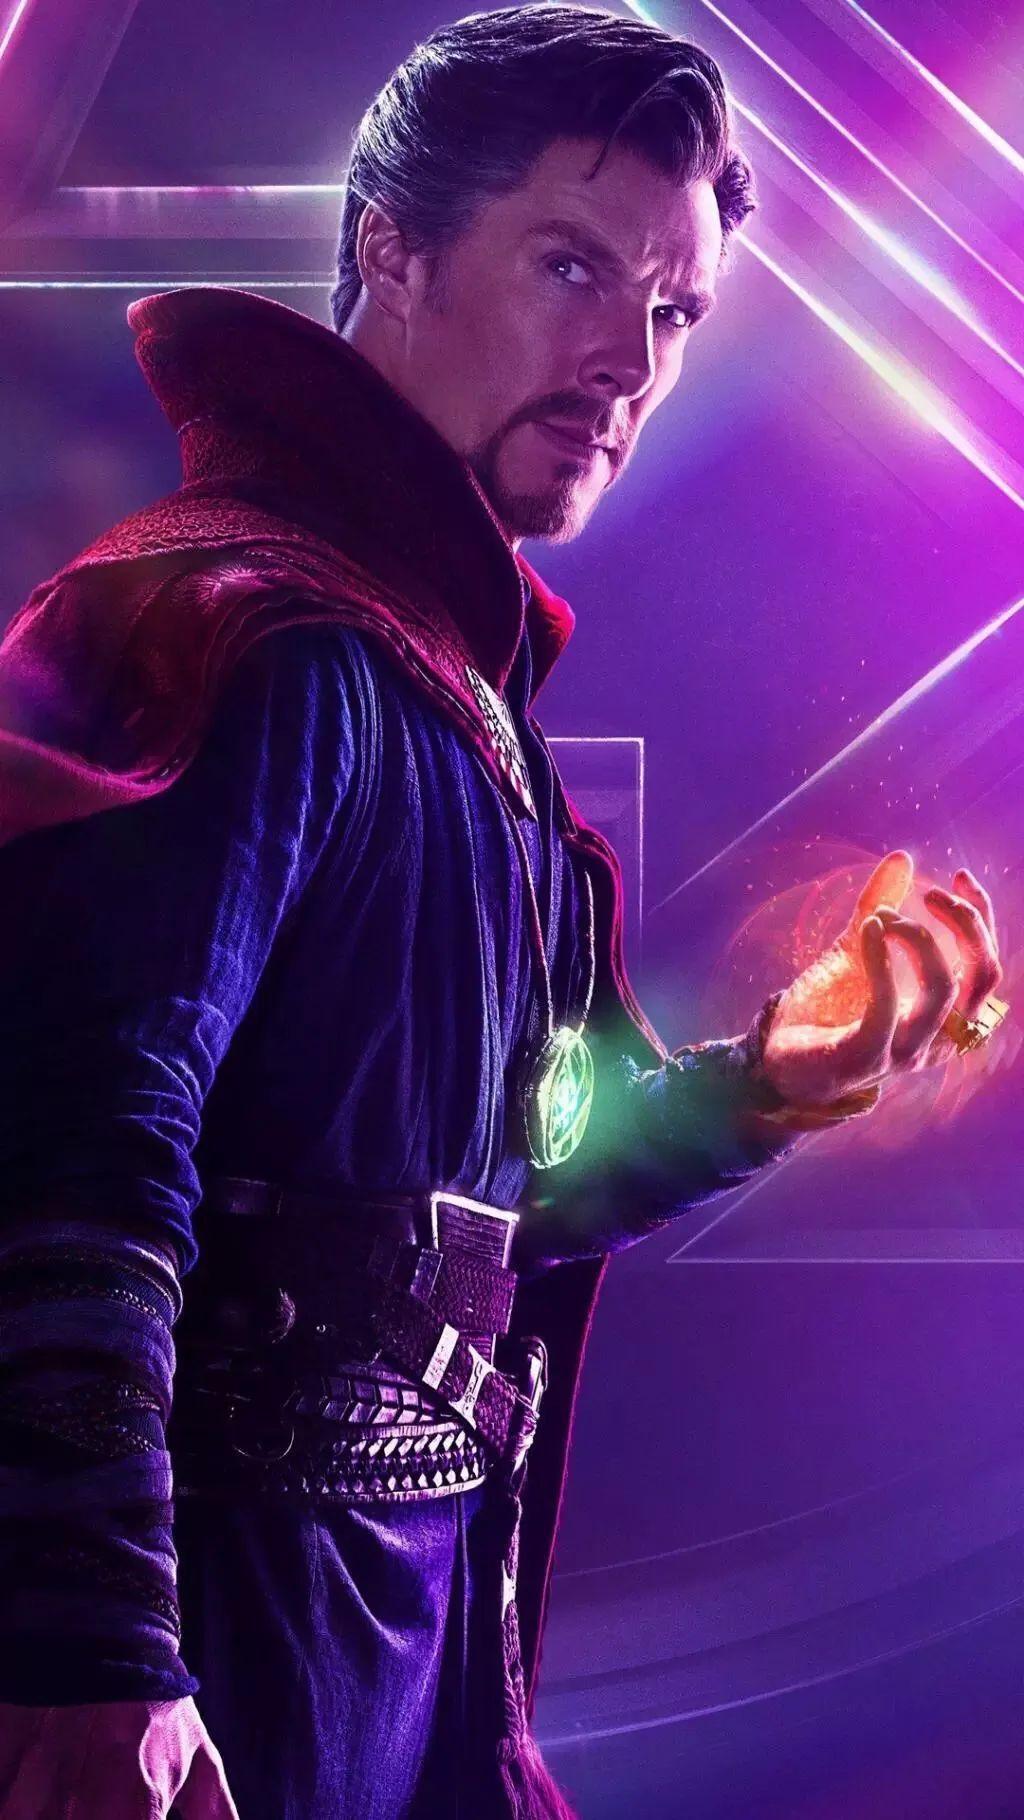 Doctor Strange Wallpaper 4k Superheroes Marvel Personajes De Marvel Vengadores Marvel